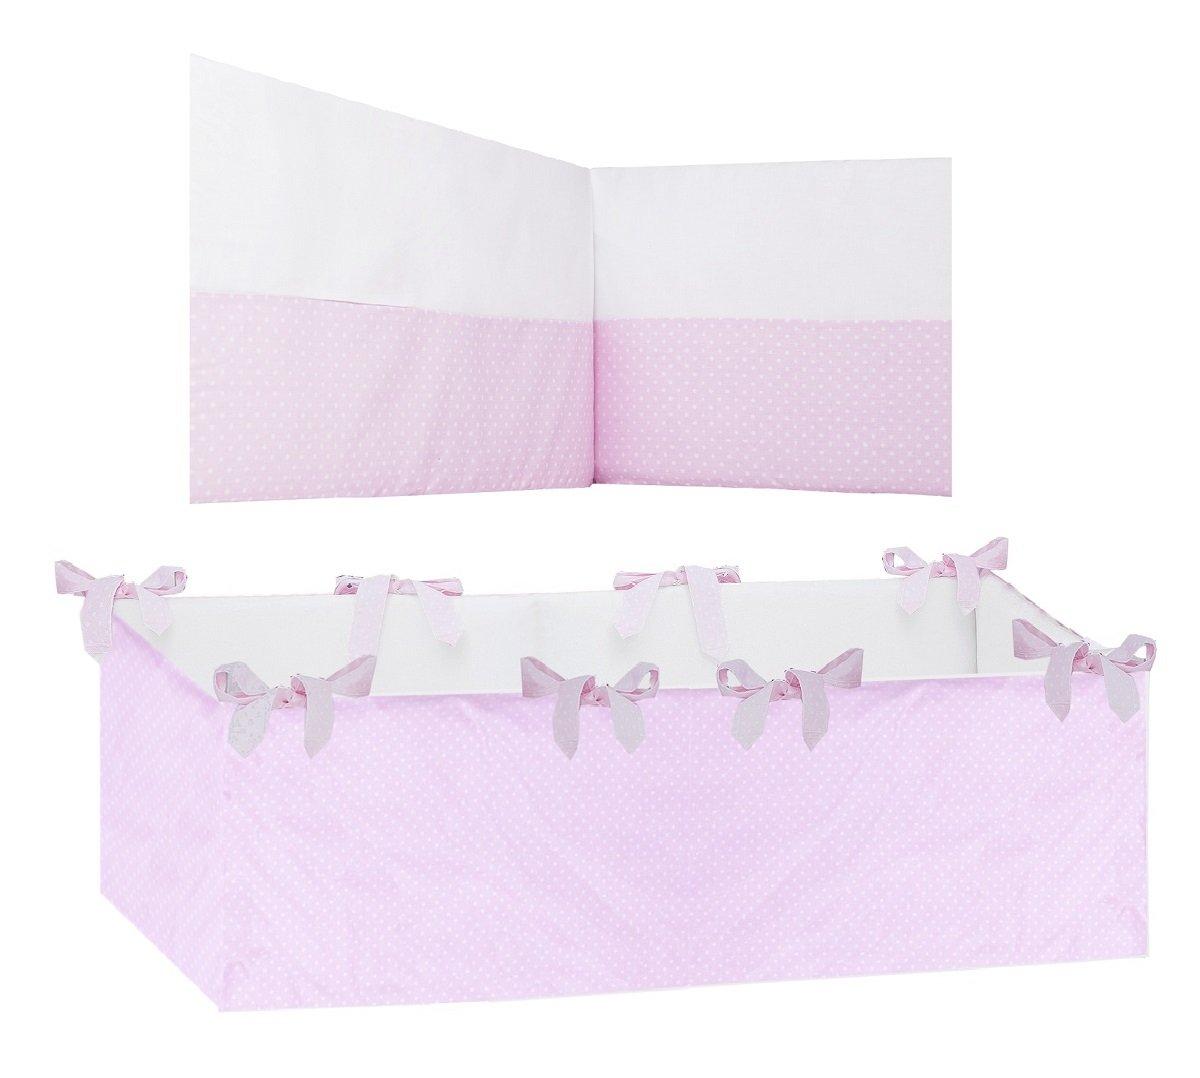 Vizaro - PARACOLPI 360° COMPLETO per Lettino (60x120cm) - 100% Cotone - Prodotto in EU con controllo di sostanze nocive - Prodotto SICUROCollezione Rosa E Bianco